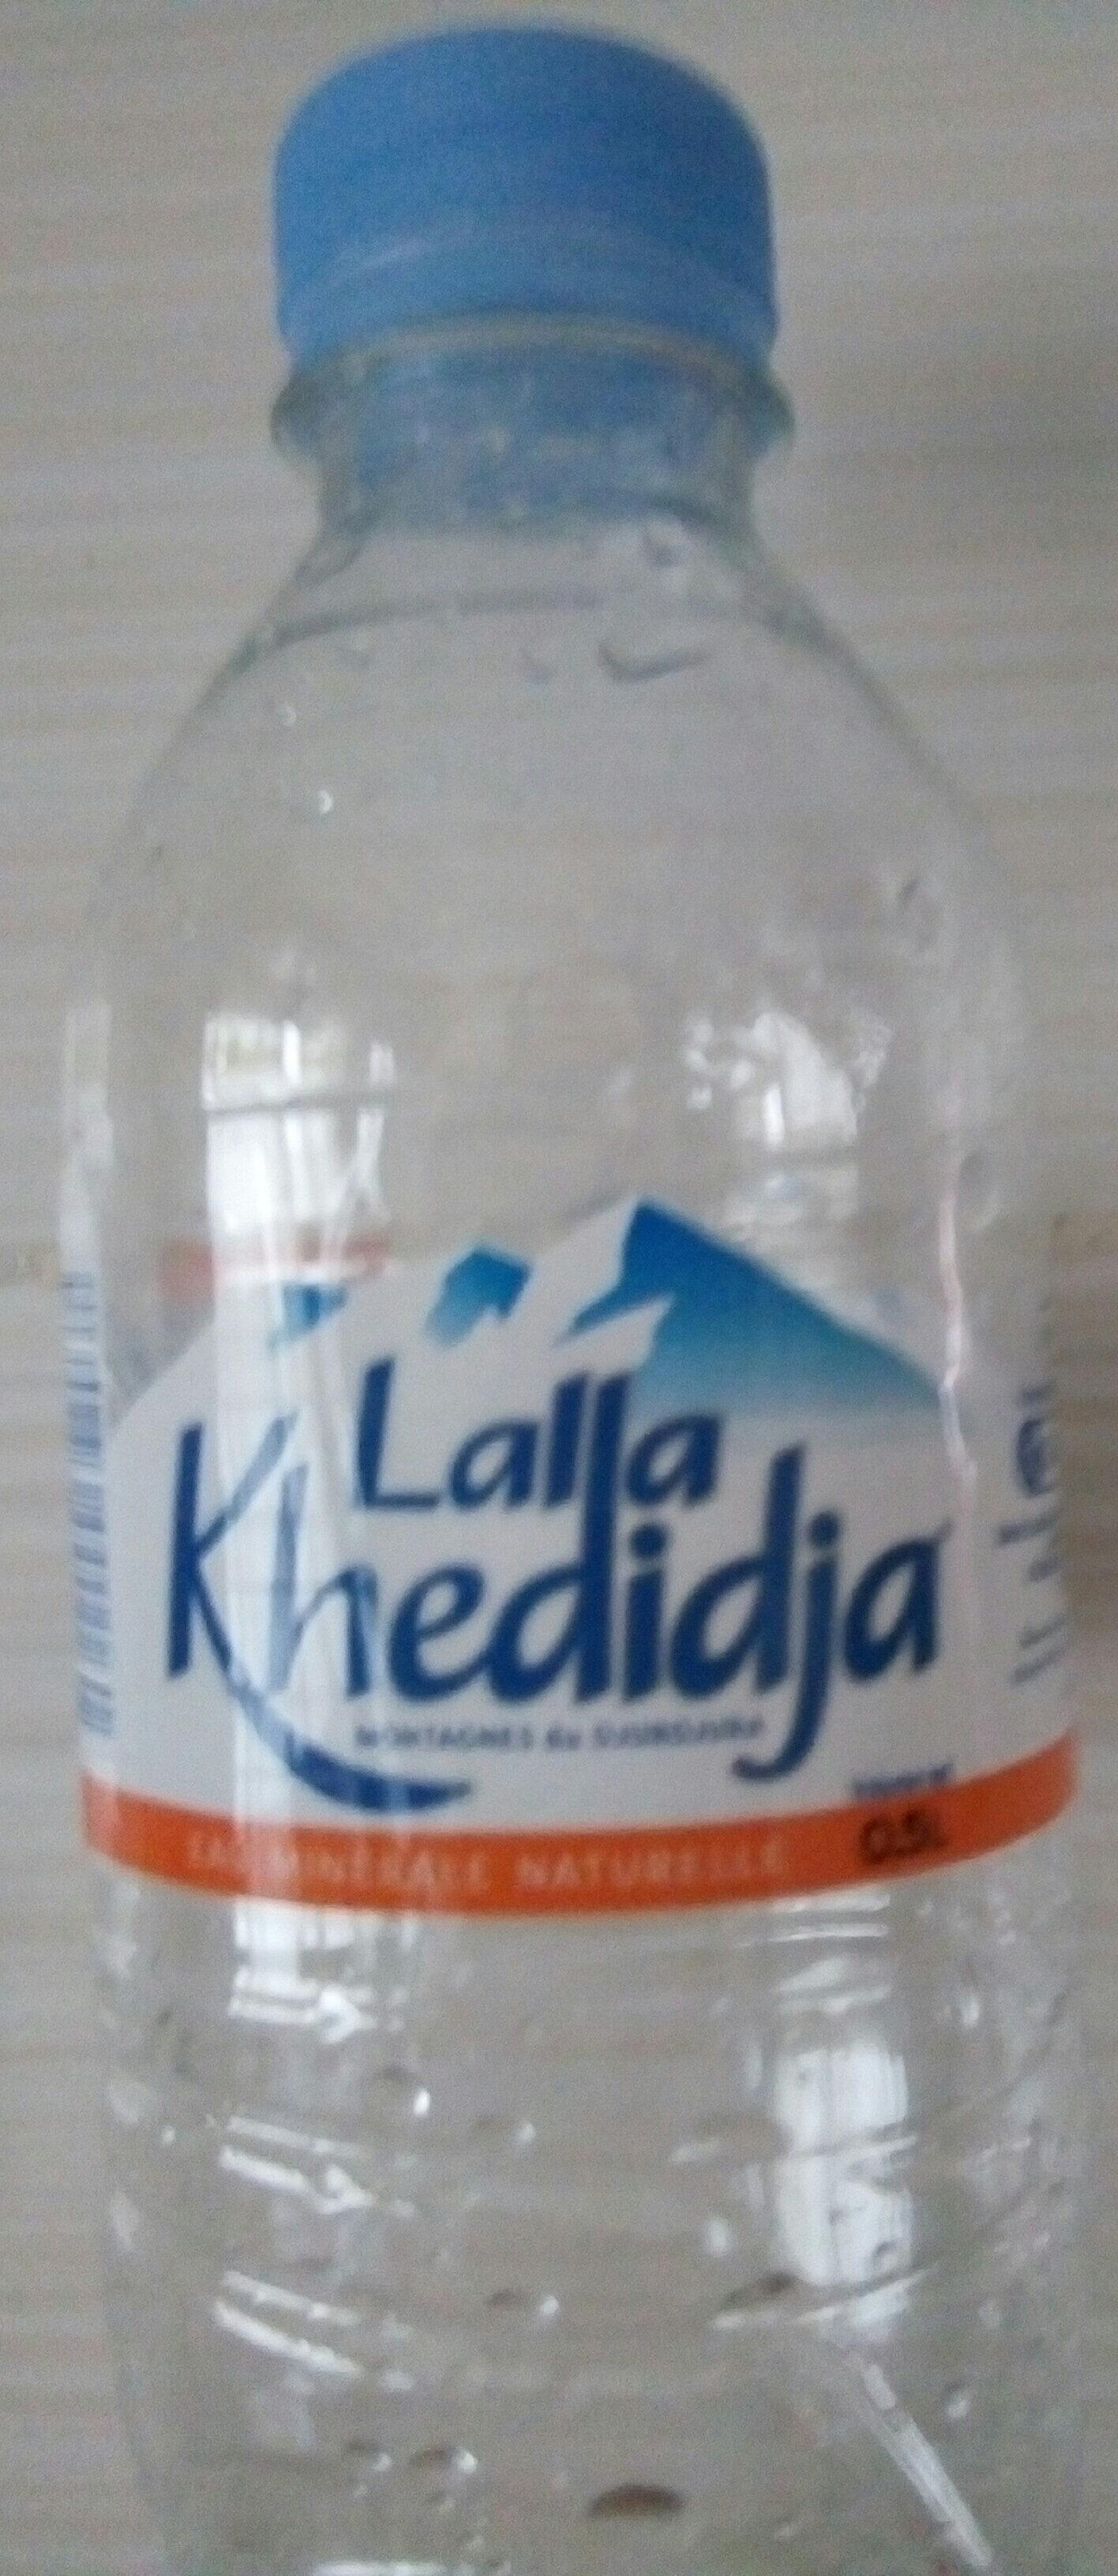 Lalla Khedidja - Produit